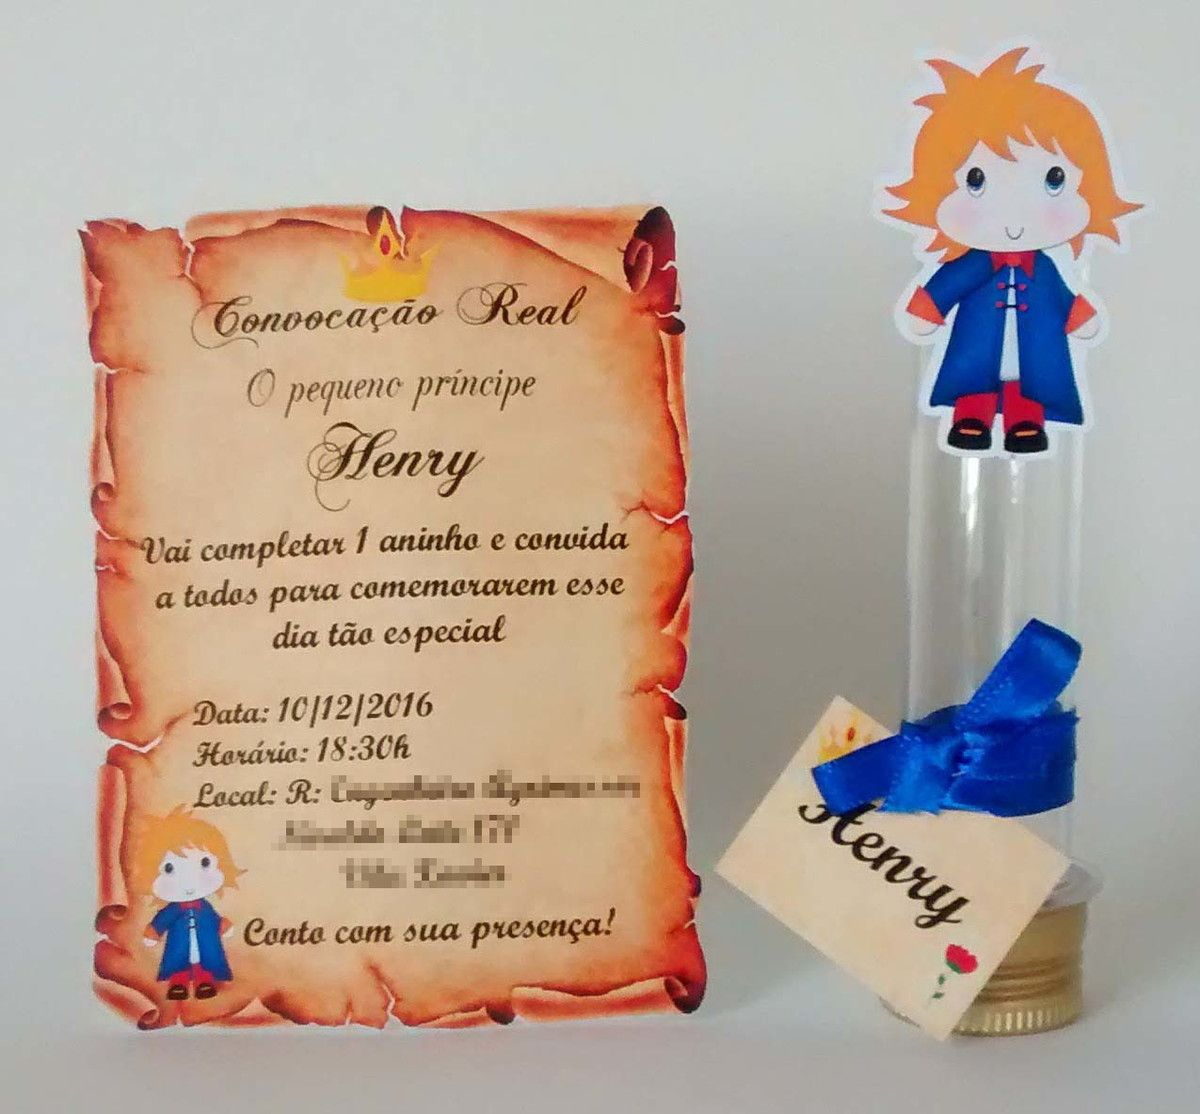 Convite pergaminho tubete Pequeno Principe no Elo7 | Criações da Thaís  (7F25A9) | Convite pequeno principe, Tubete pequeno principe, Pequeno  principe